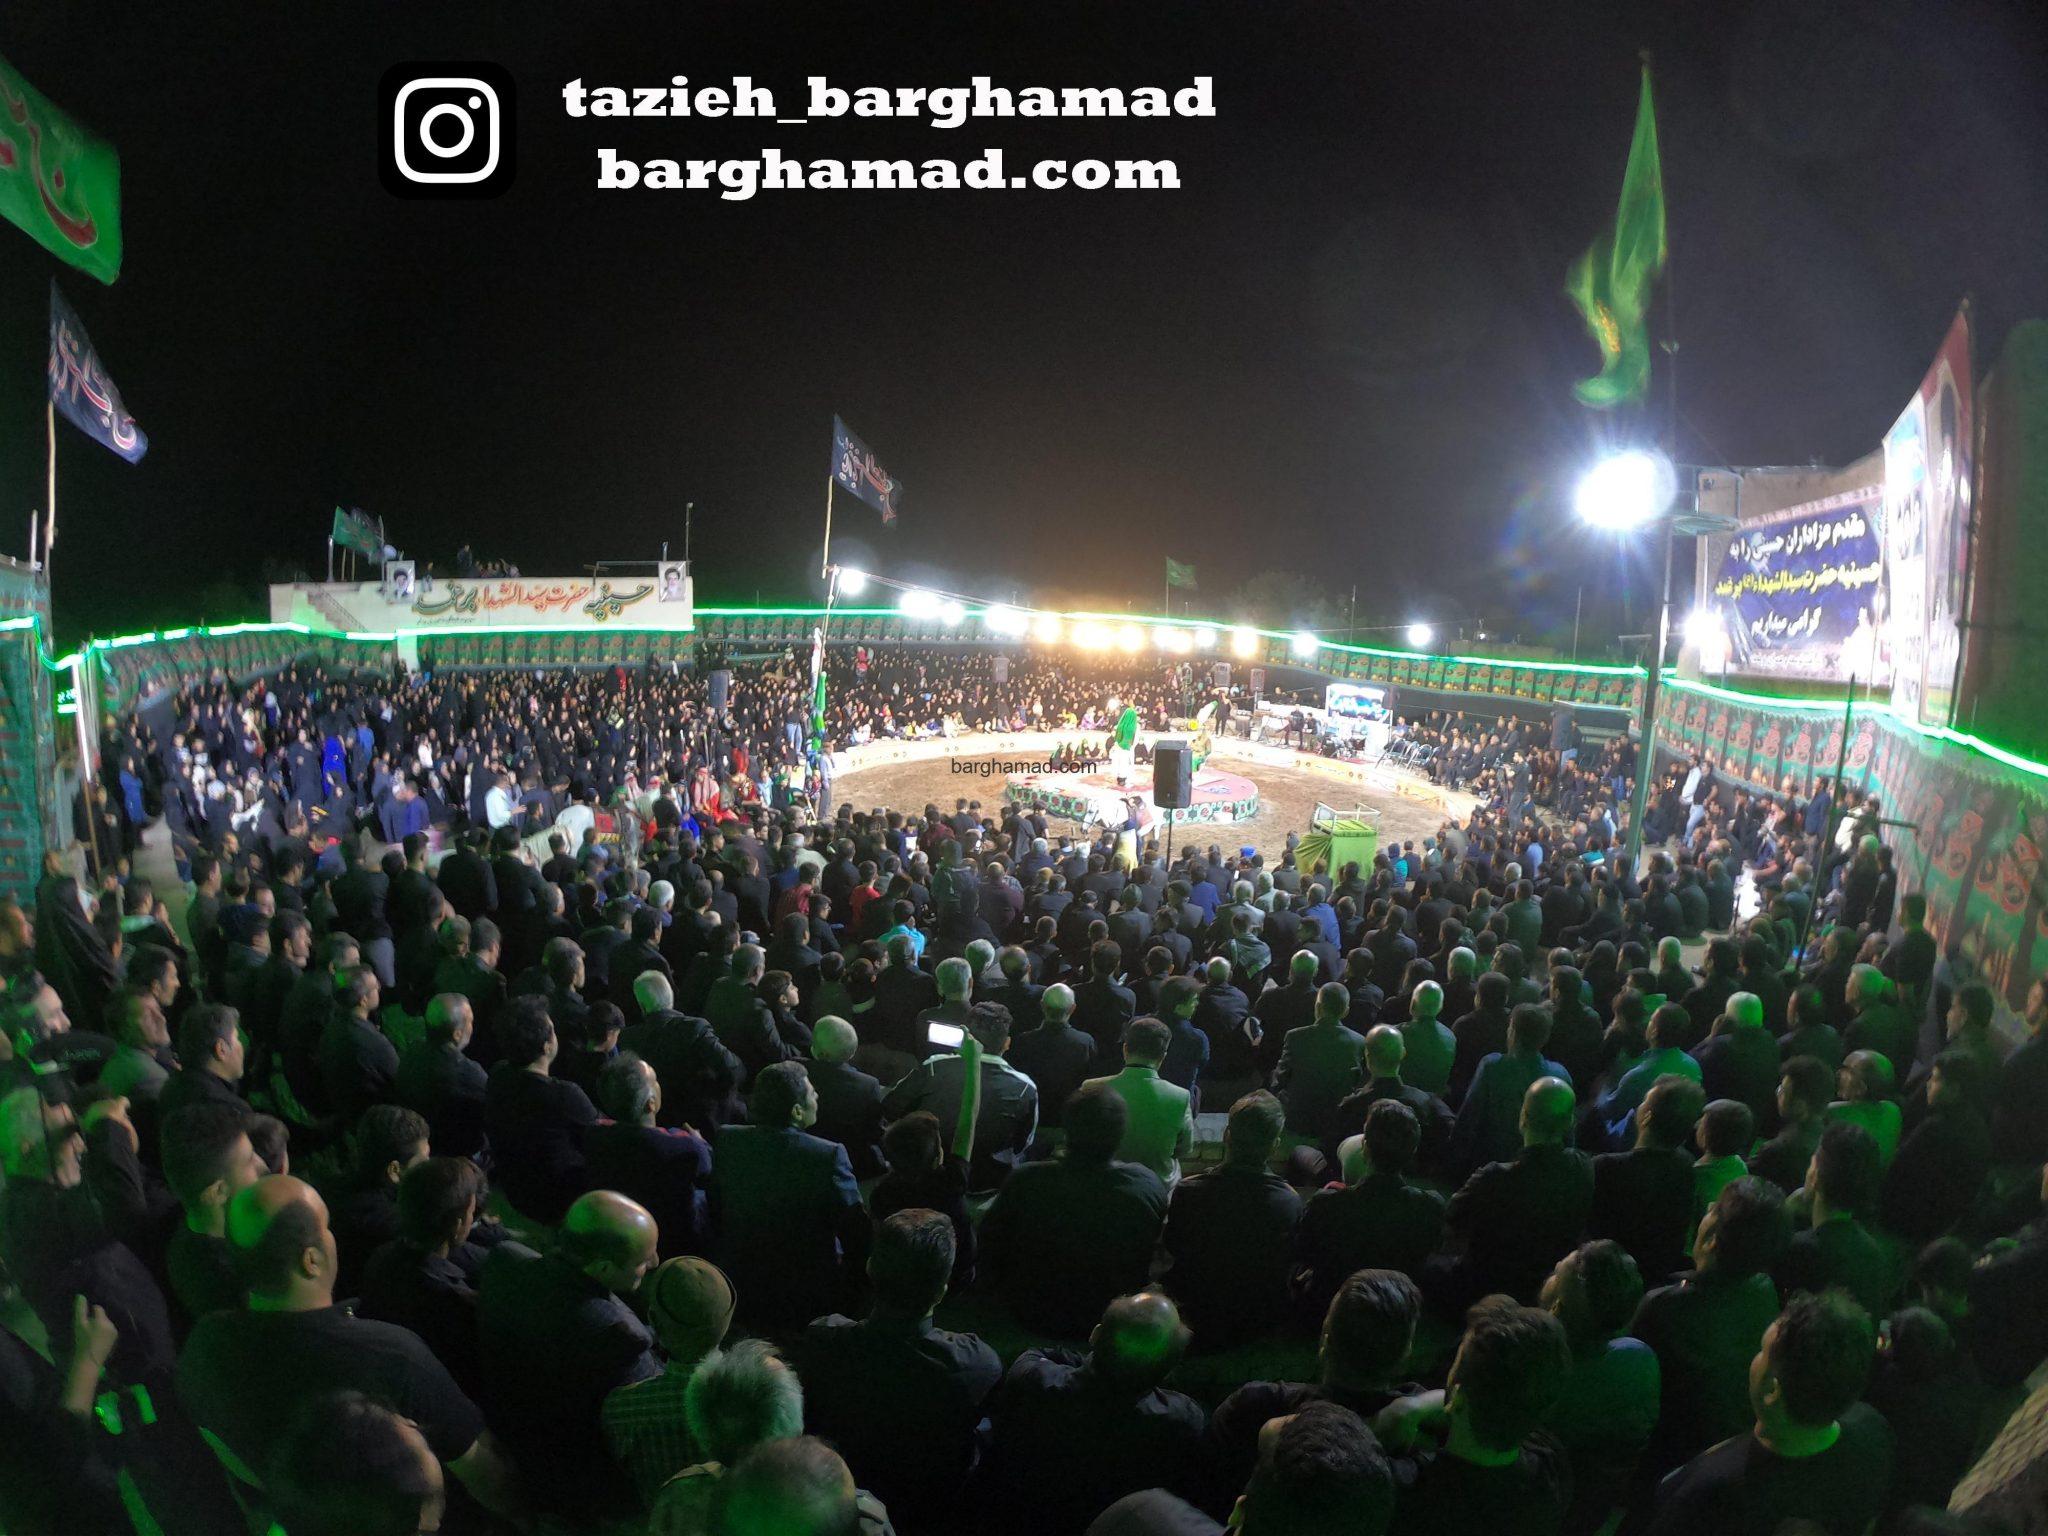 محرم 1398 میدان تعزیه حسینیه سیدالشهداء برغمد